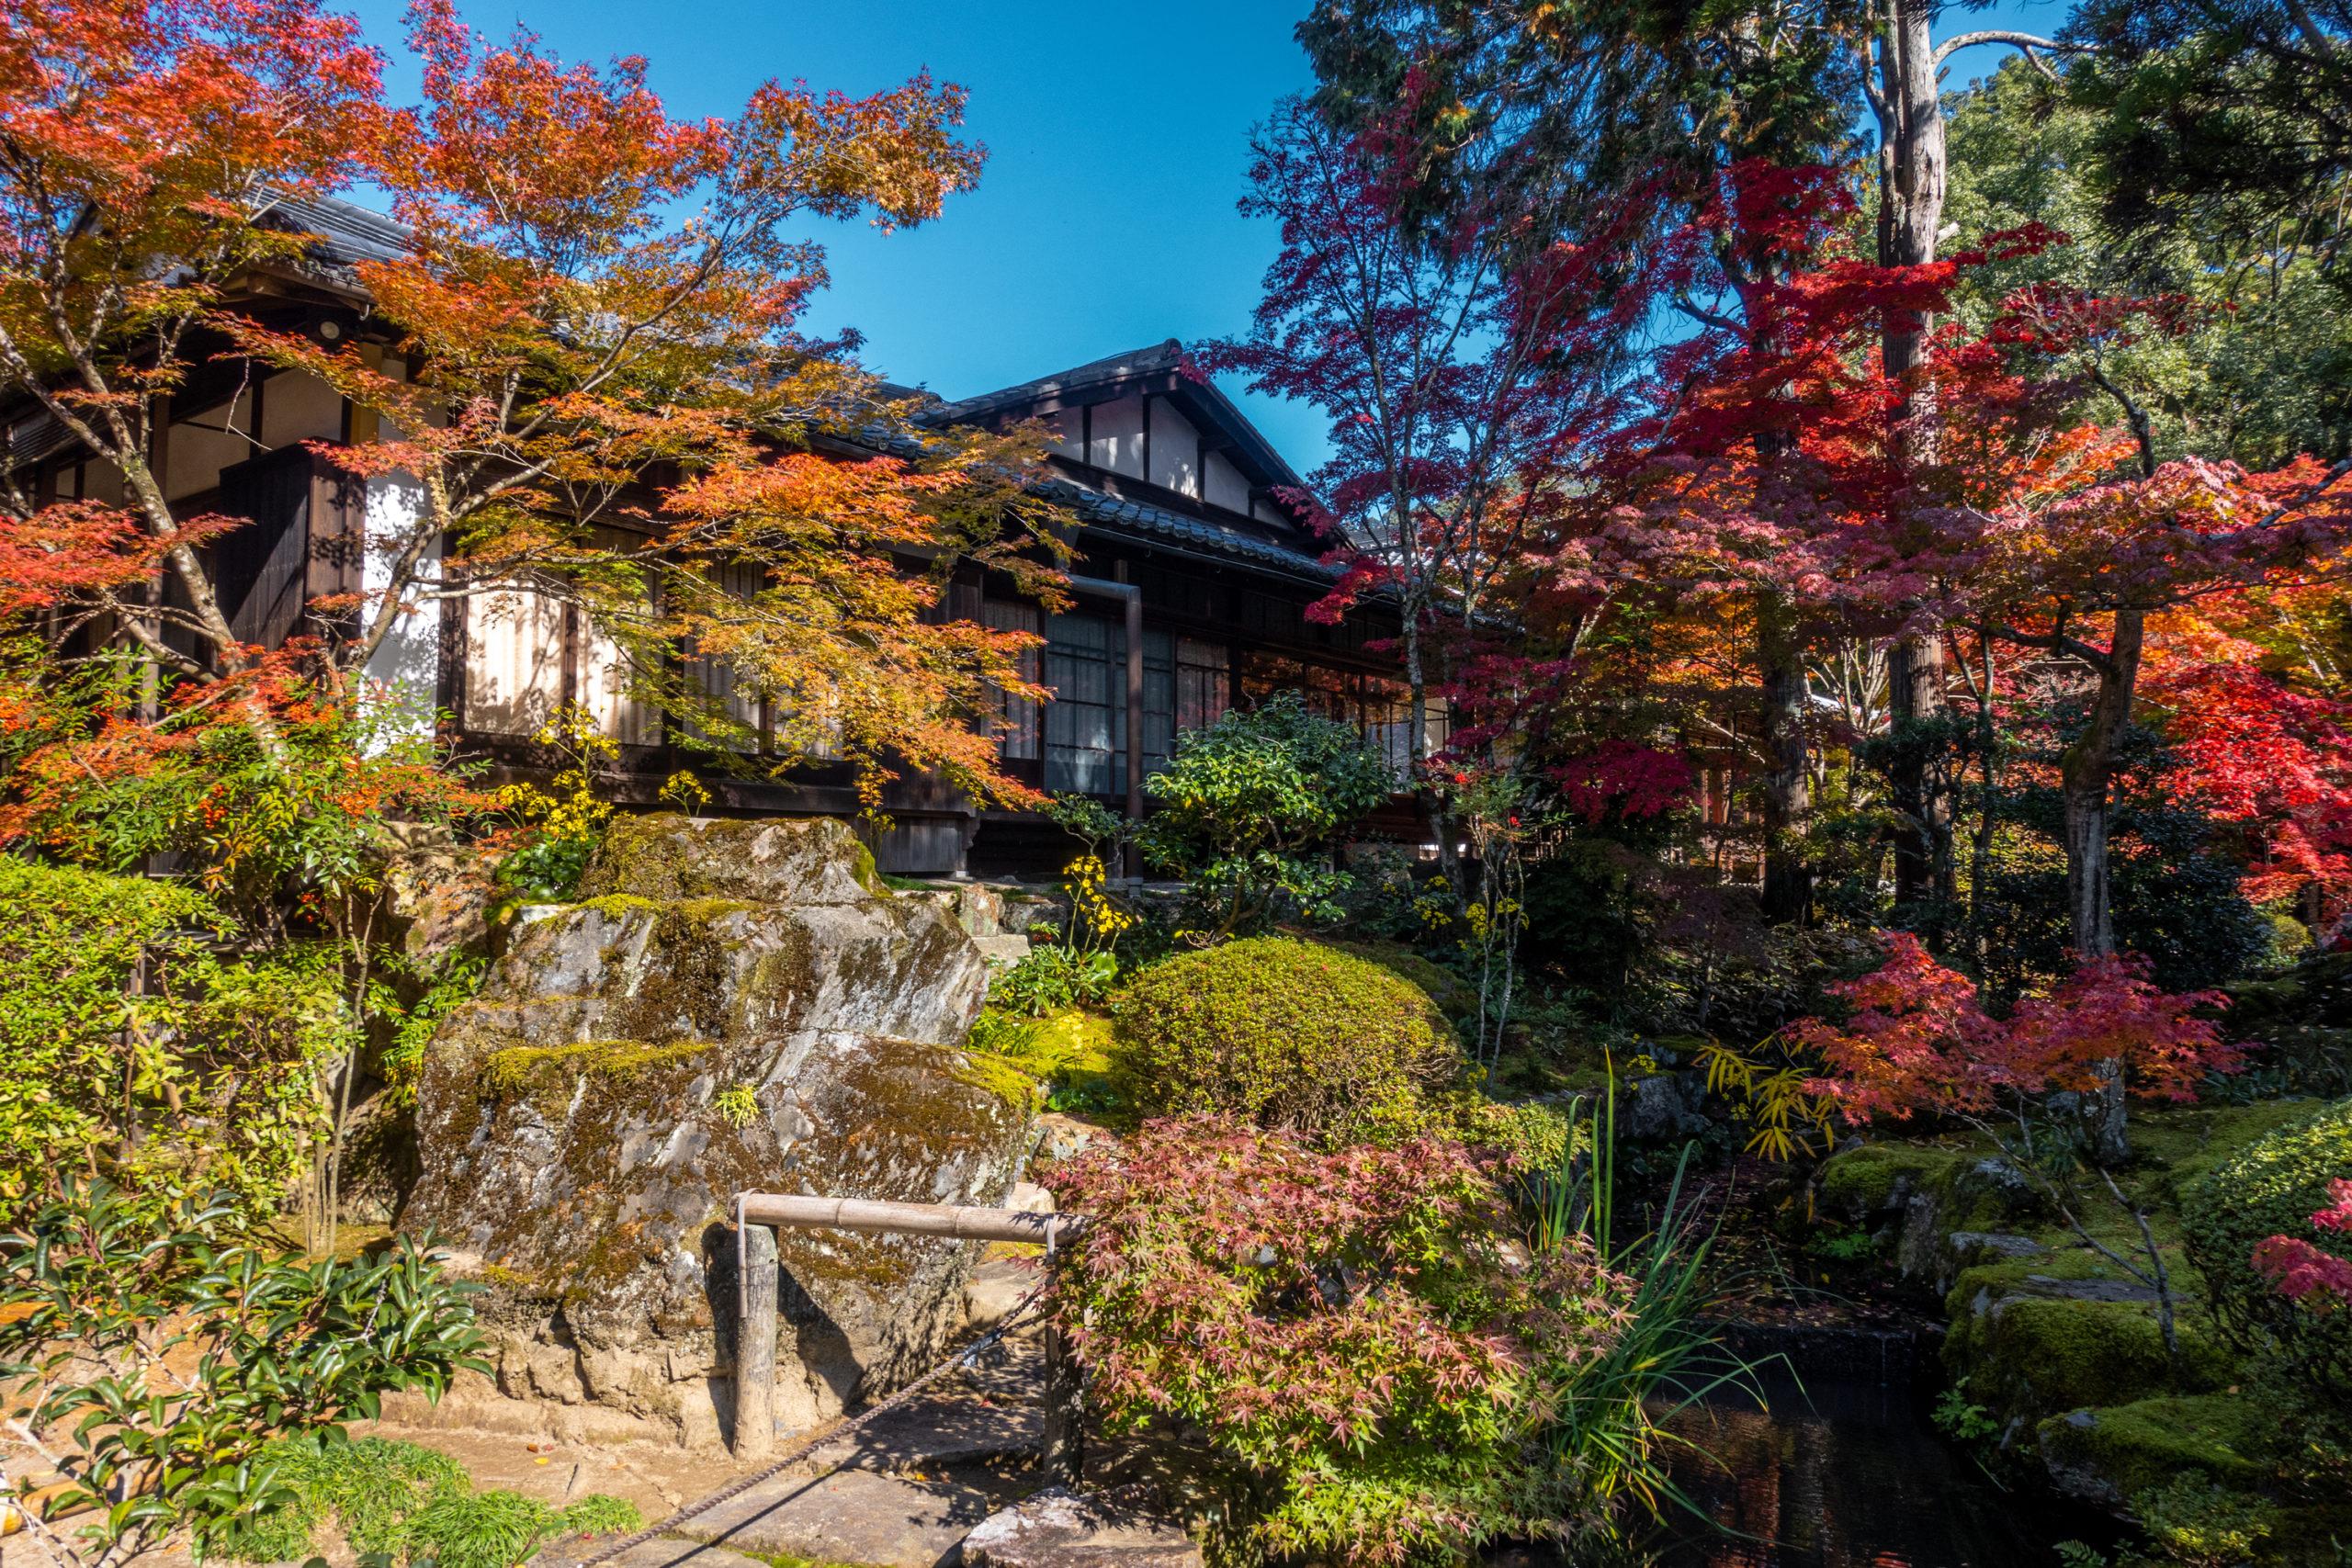 DSC00618-scaled 京都  天授庵(紅葉の美しい庭園が見所な秋におすすめのスポット!撮影した写真の紹介、アクセス情報など)